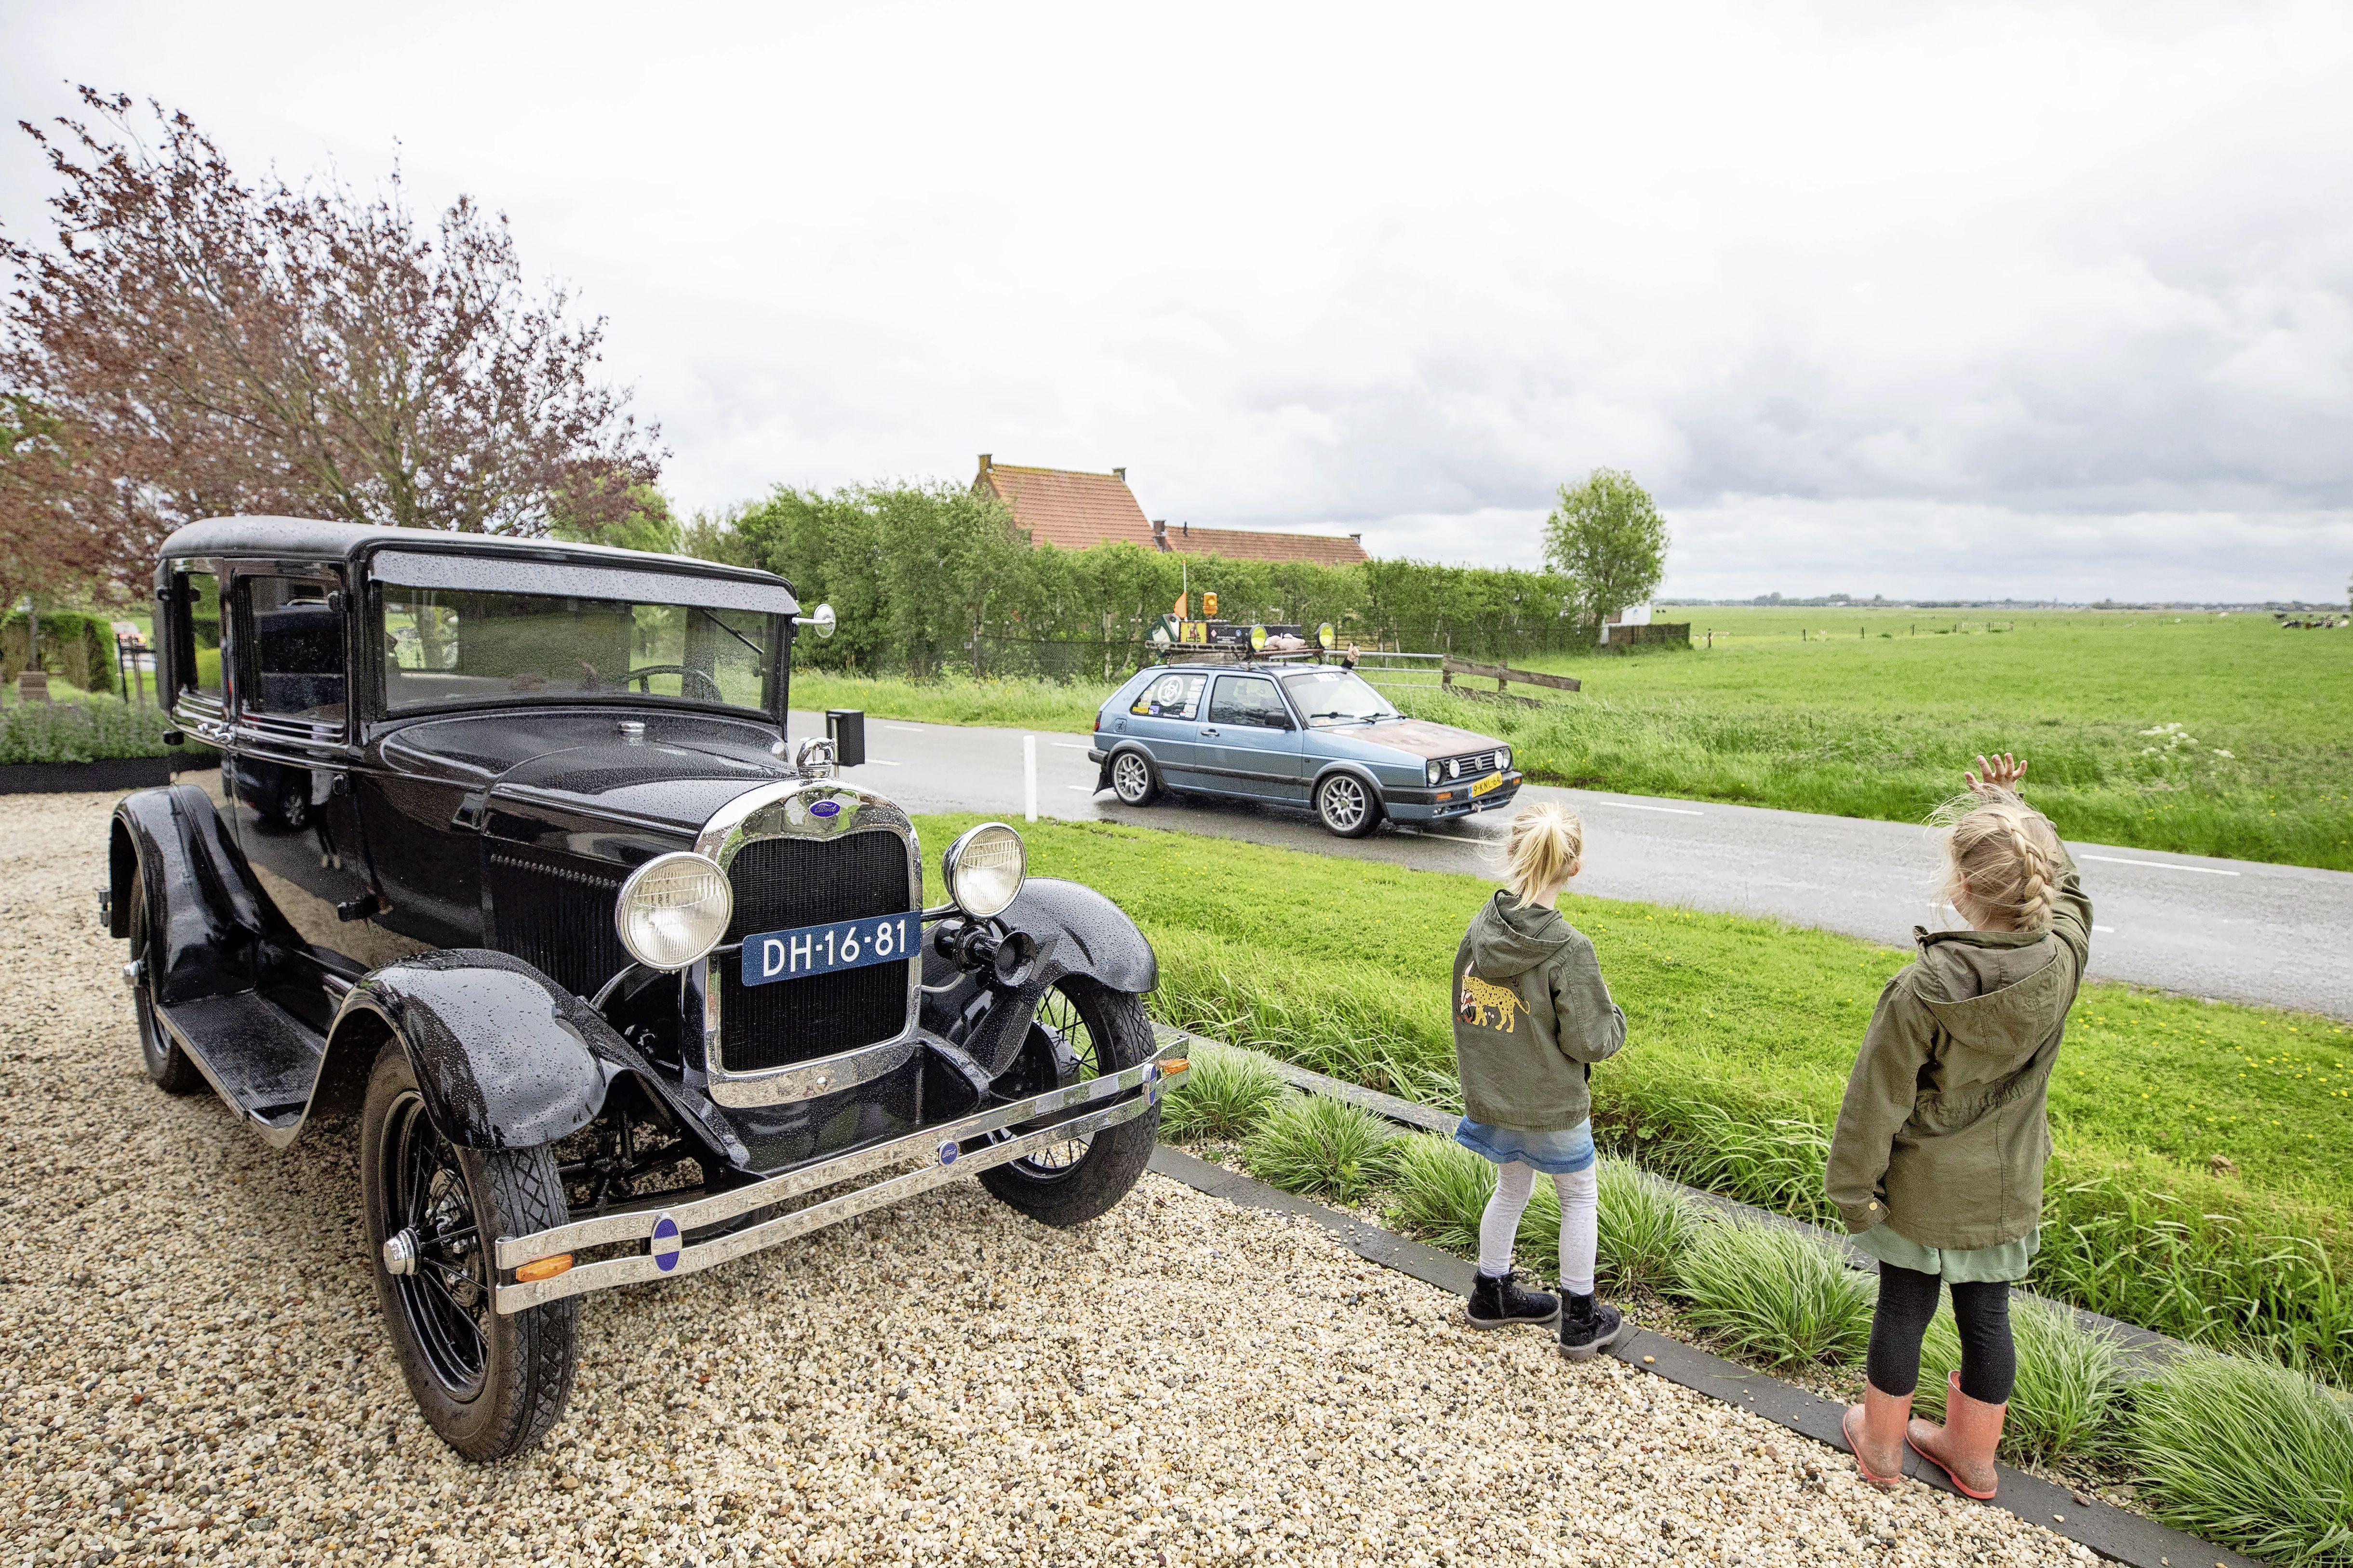 Kratje bier en een zwaailicht op je klassieke auto en gáán; Als grap begonnen tocht van 'ouwe-autogekken' door Eemland trekt veel bekijks